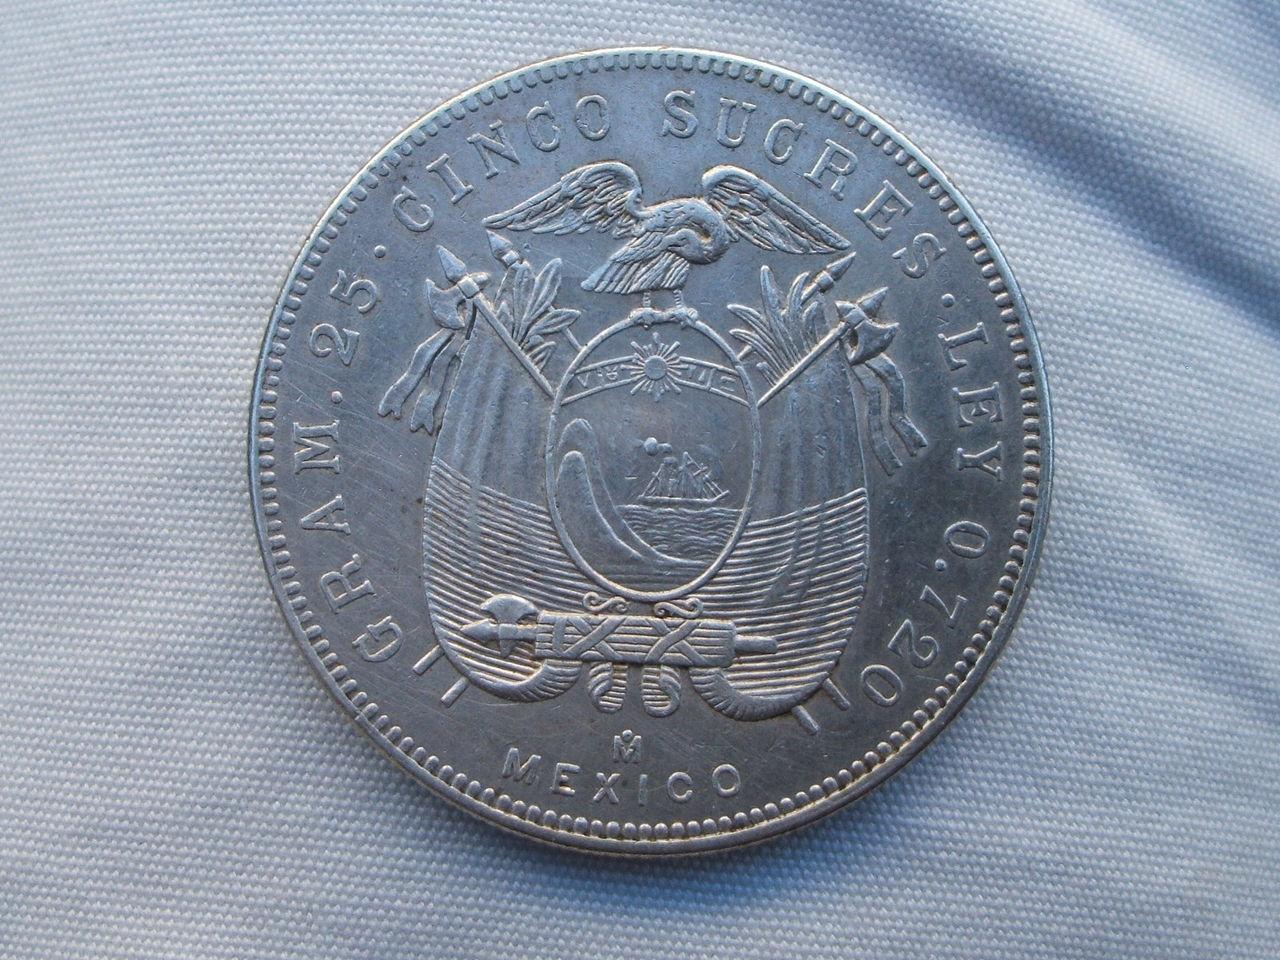 5 Sucres. Ecuador. 1943 Mexicana_1